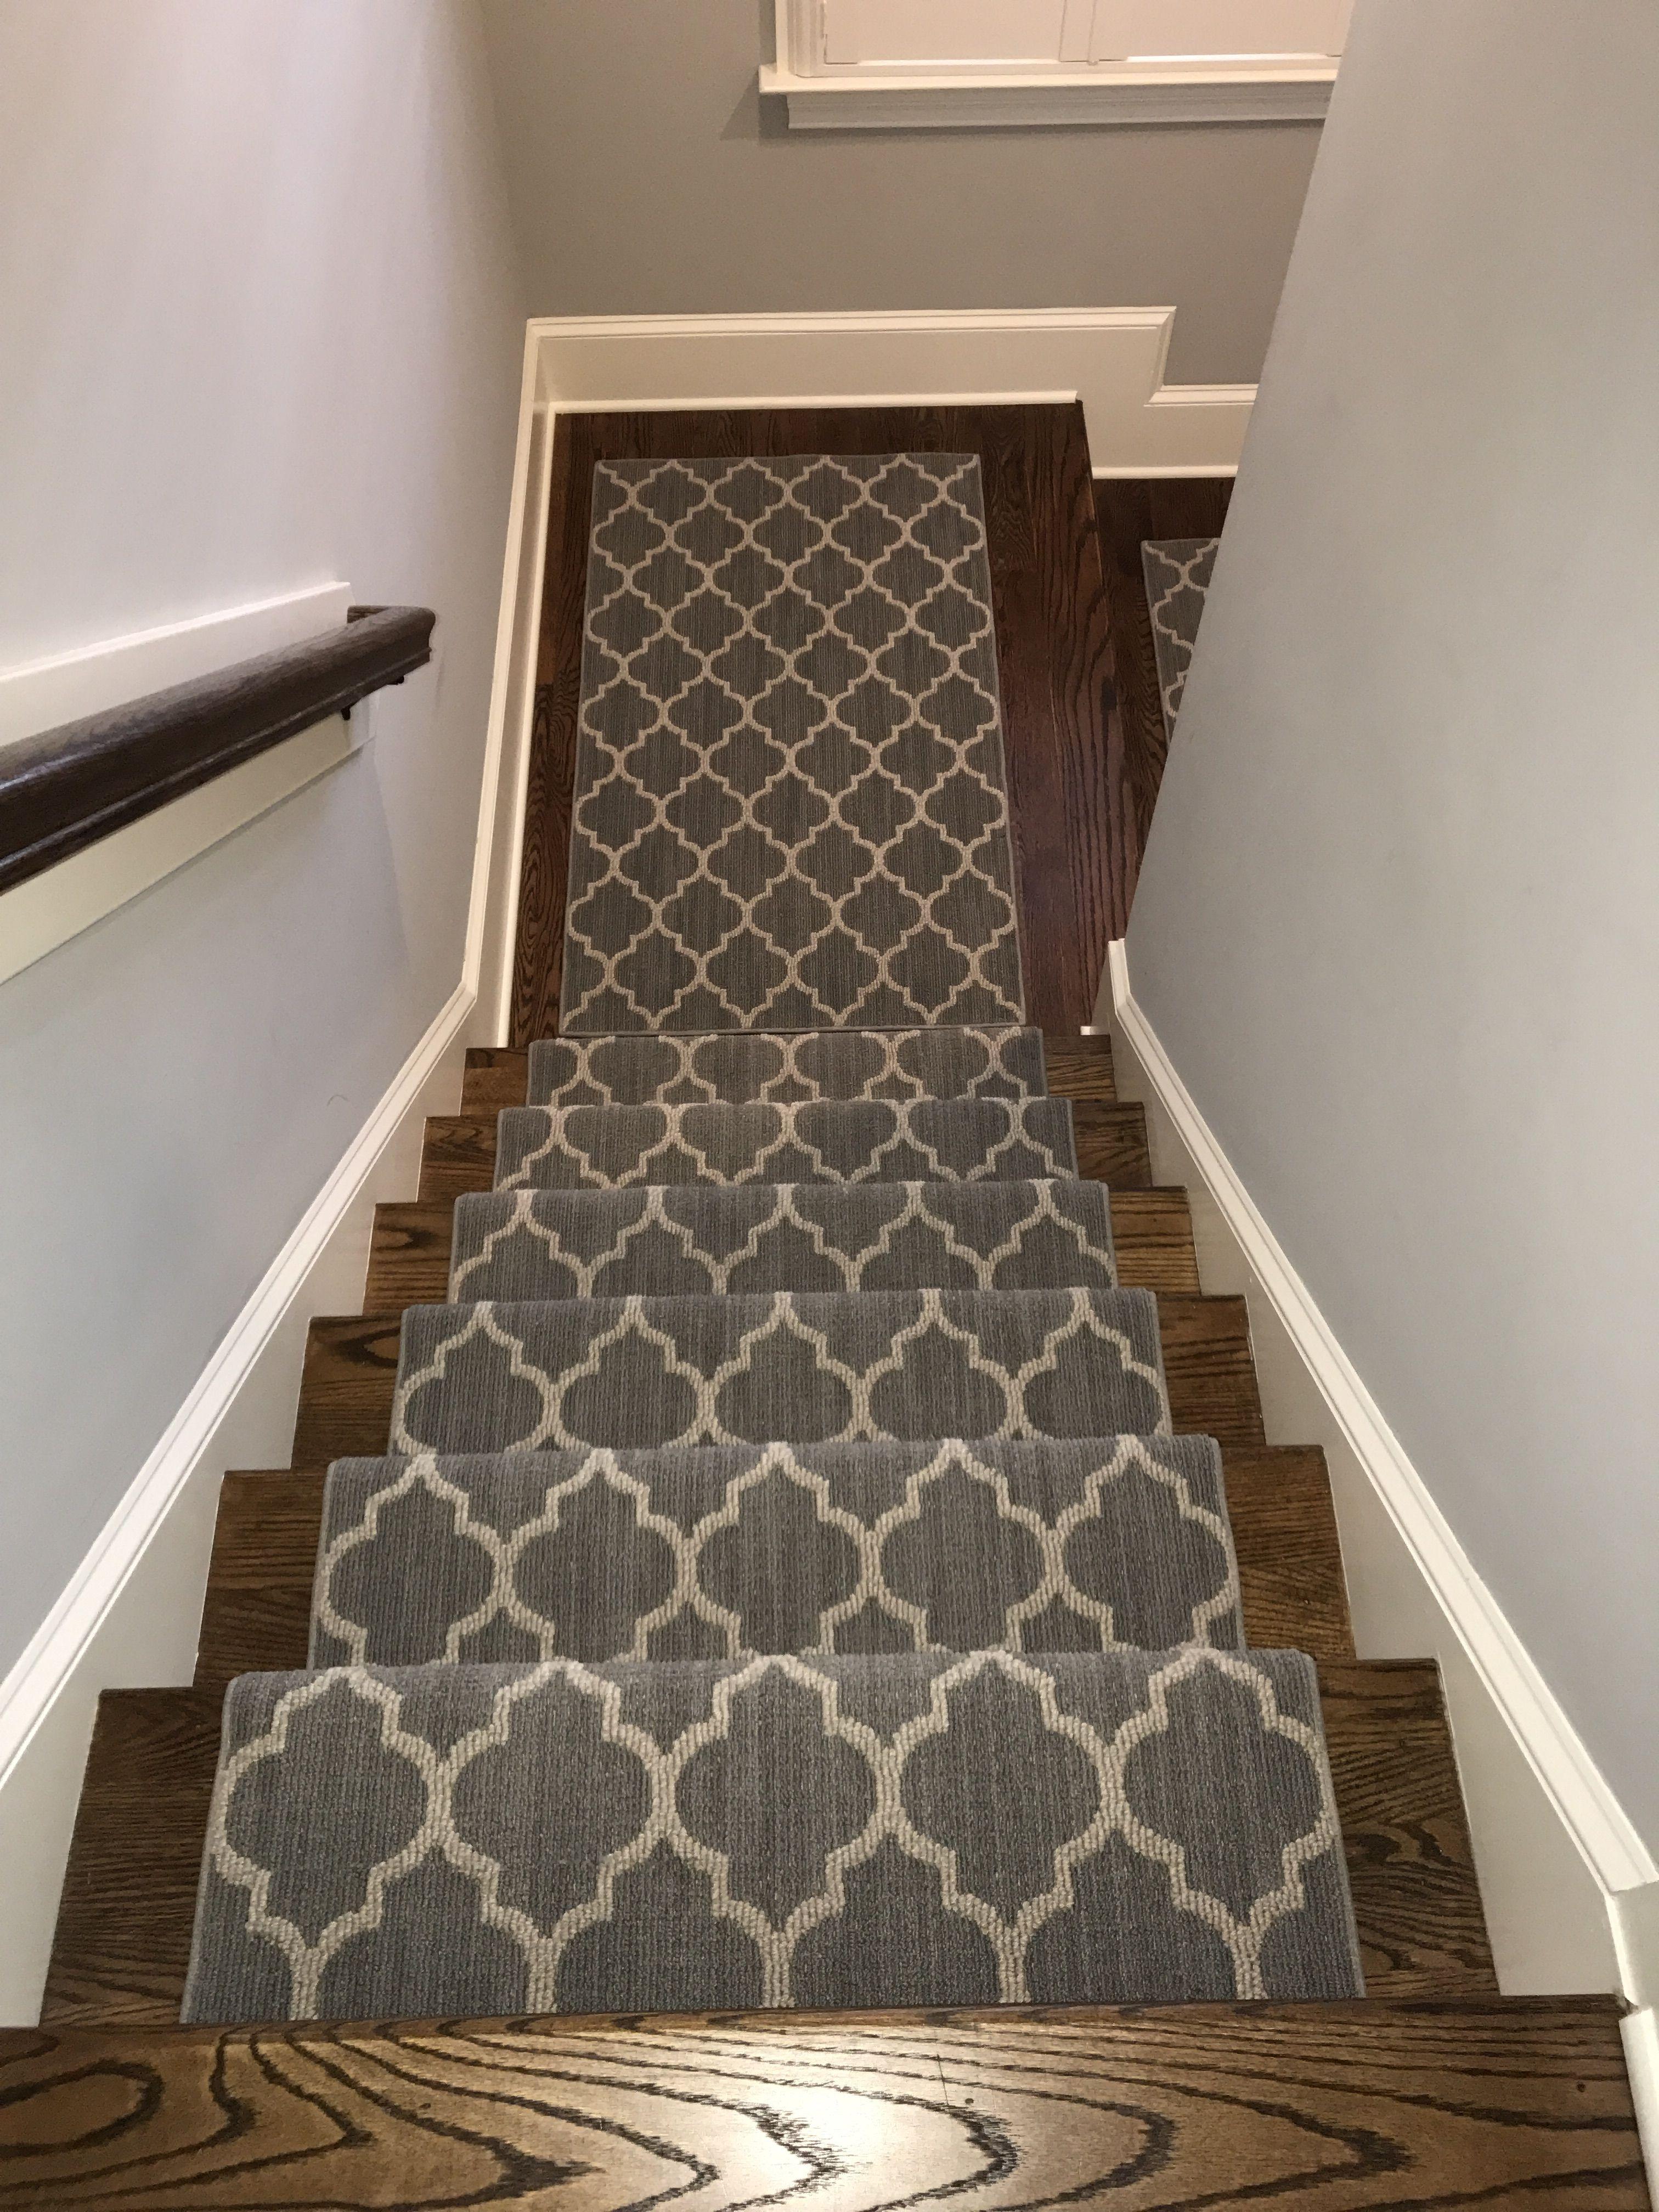 Best Stair Runner Carpet Wool H*Mp 7 5Mx55Cm Stair Runner 400 x 300